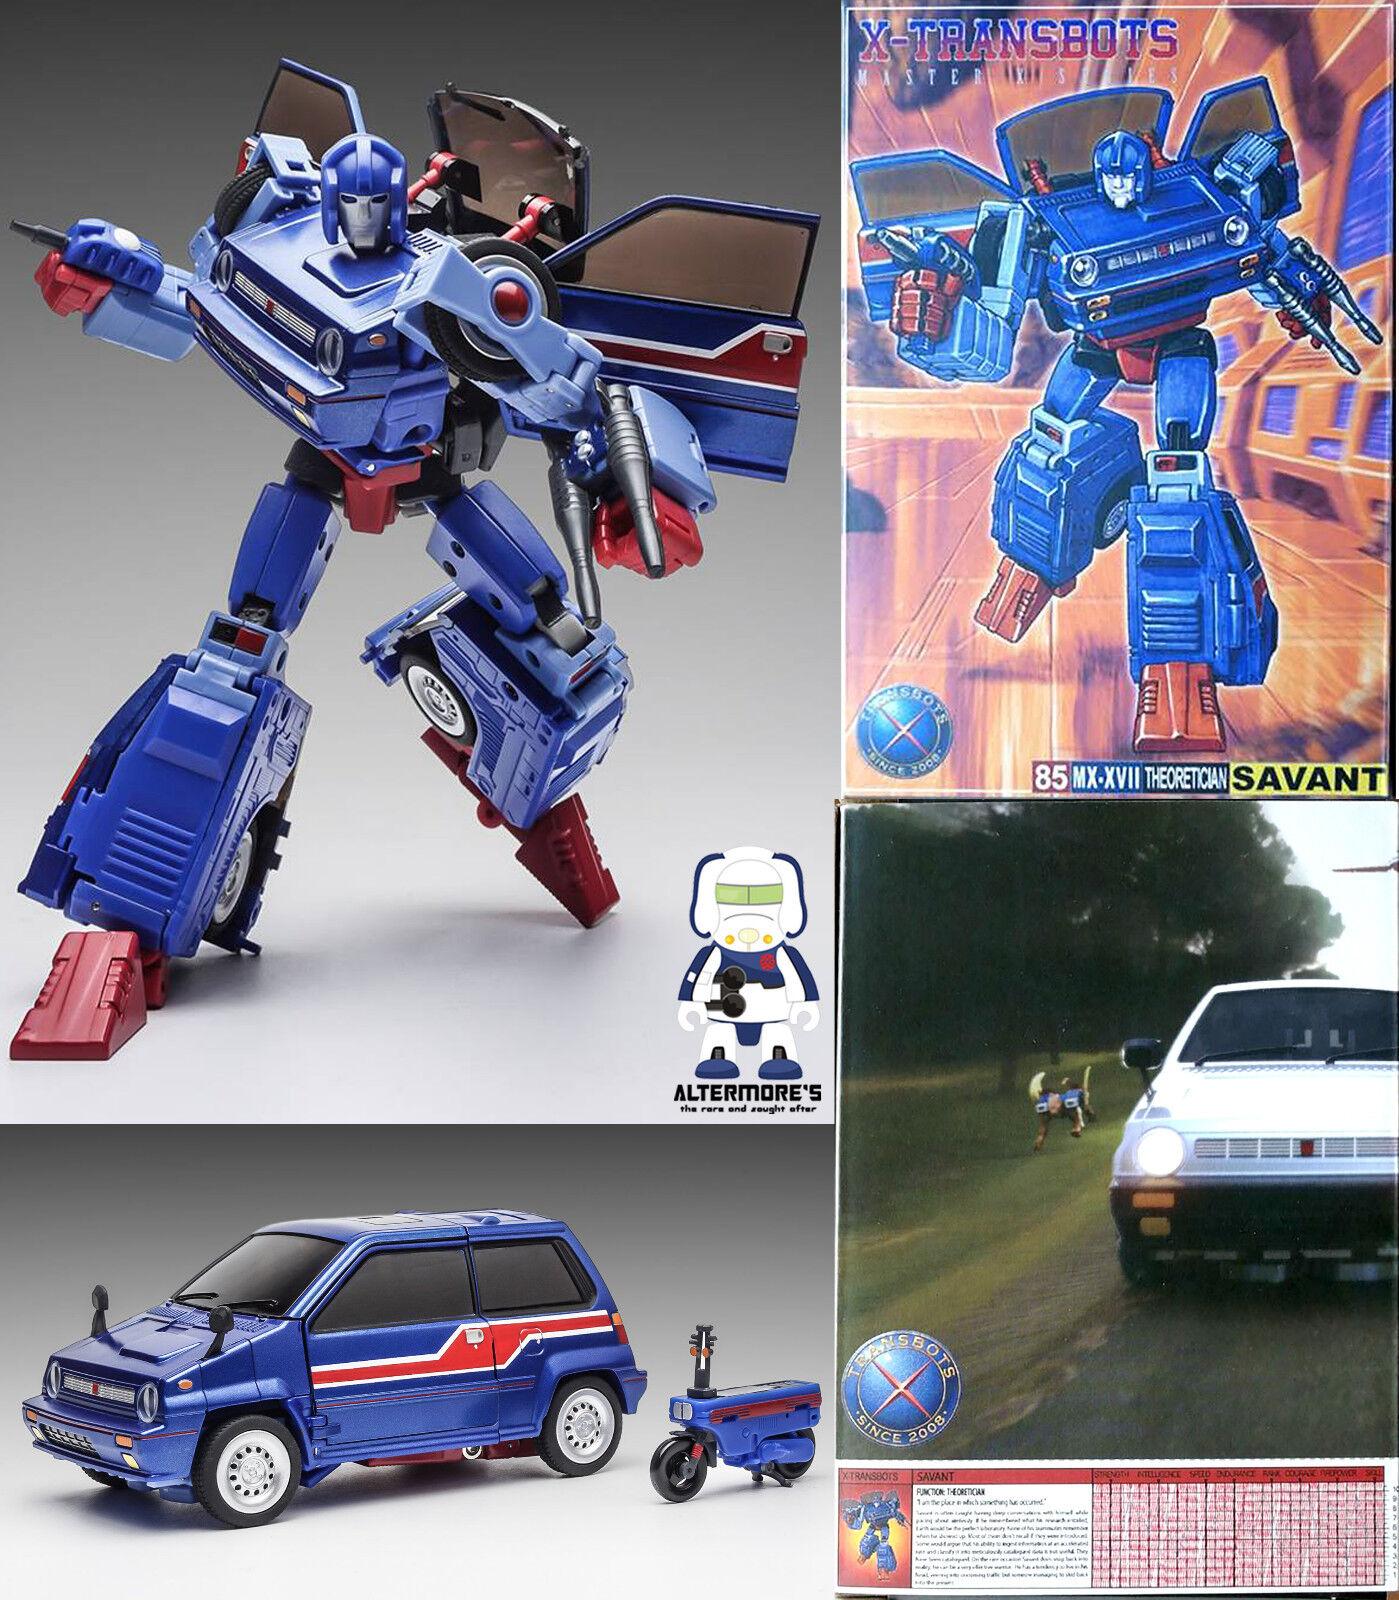 compras online de deportes Transformers obra maestra X-TRANSBOTS MX-XVII Savant también conocido conocido conocido como MP Skids sin usar y en caja sellada  el más barato